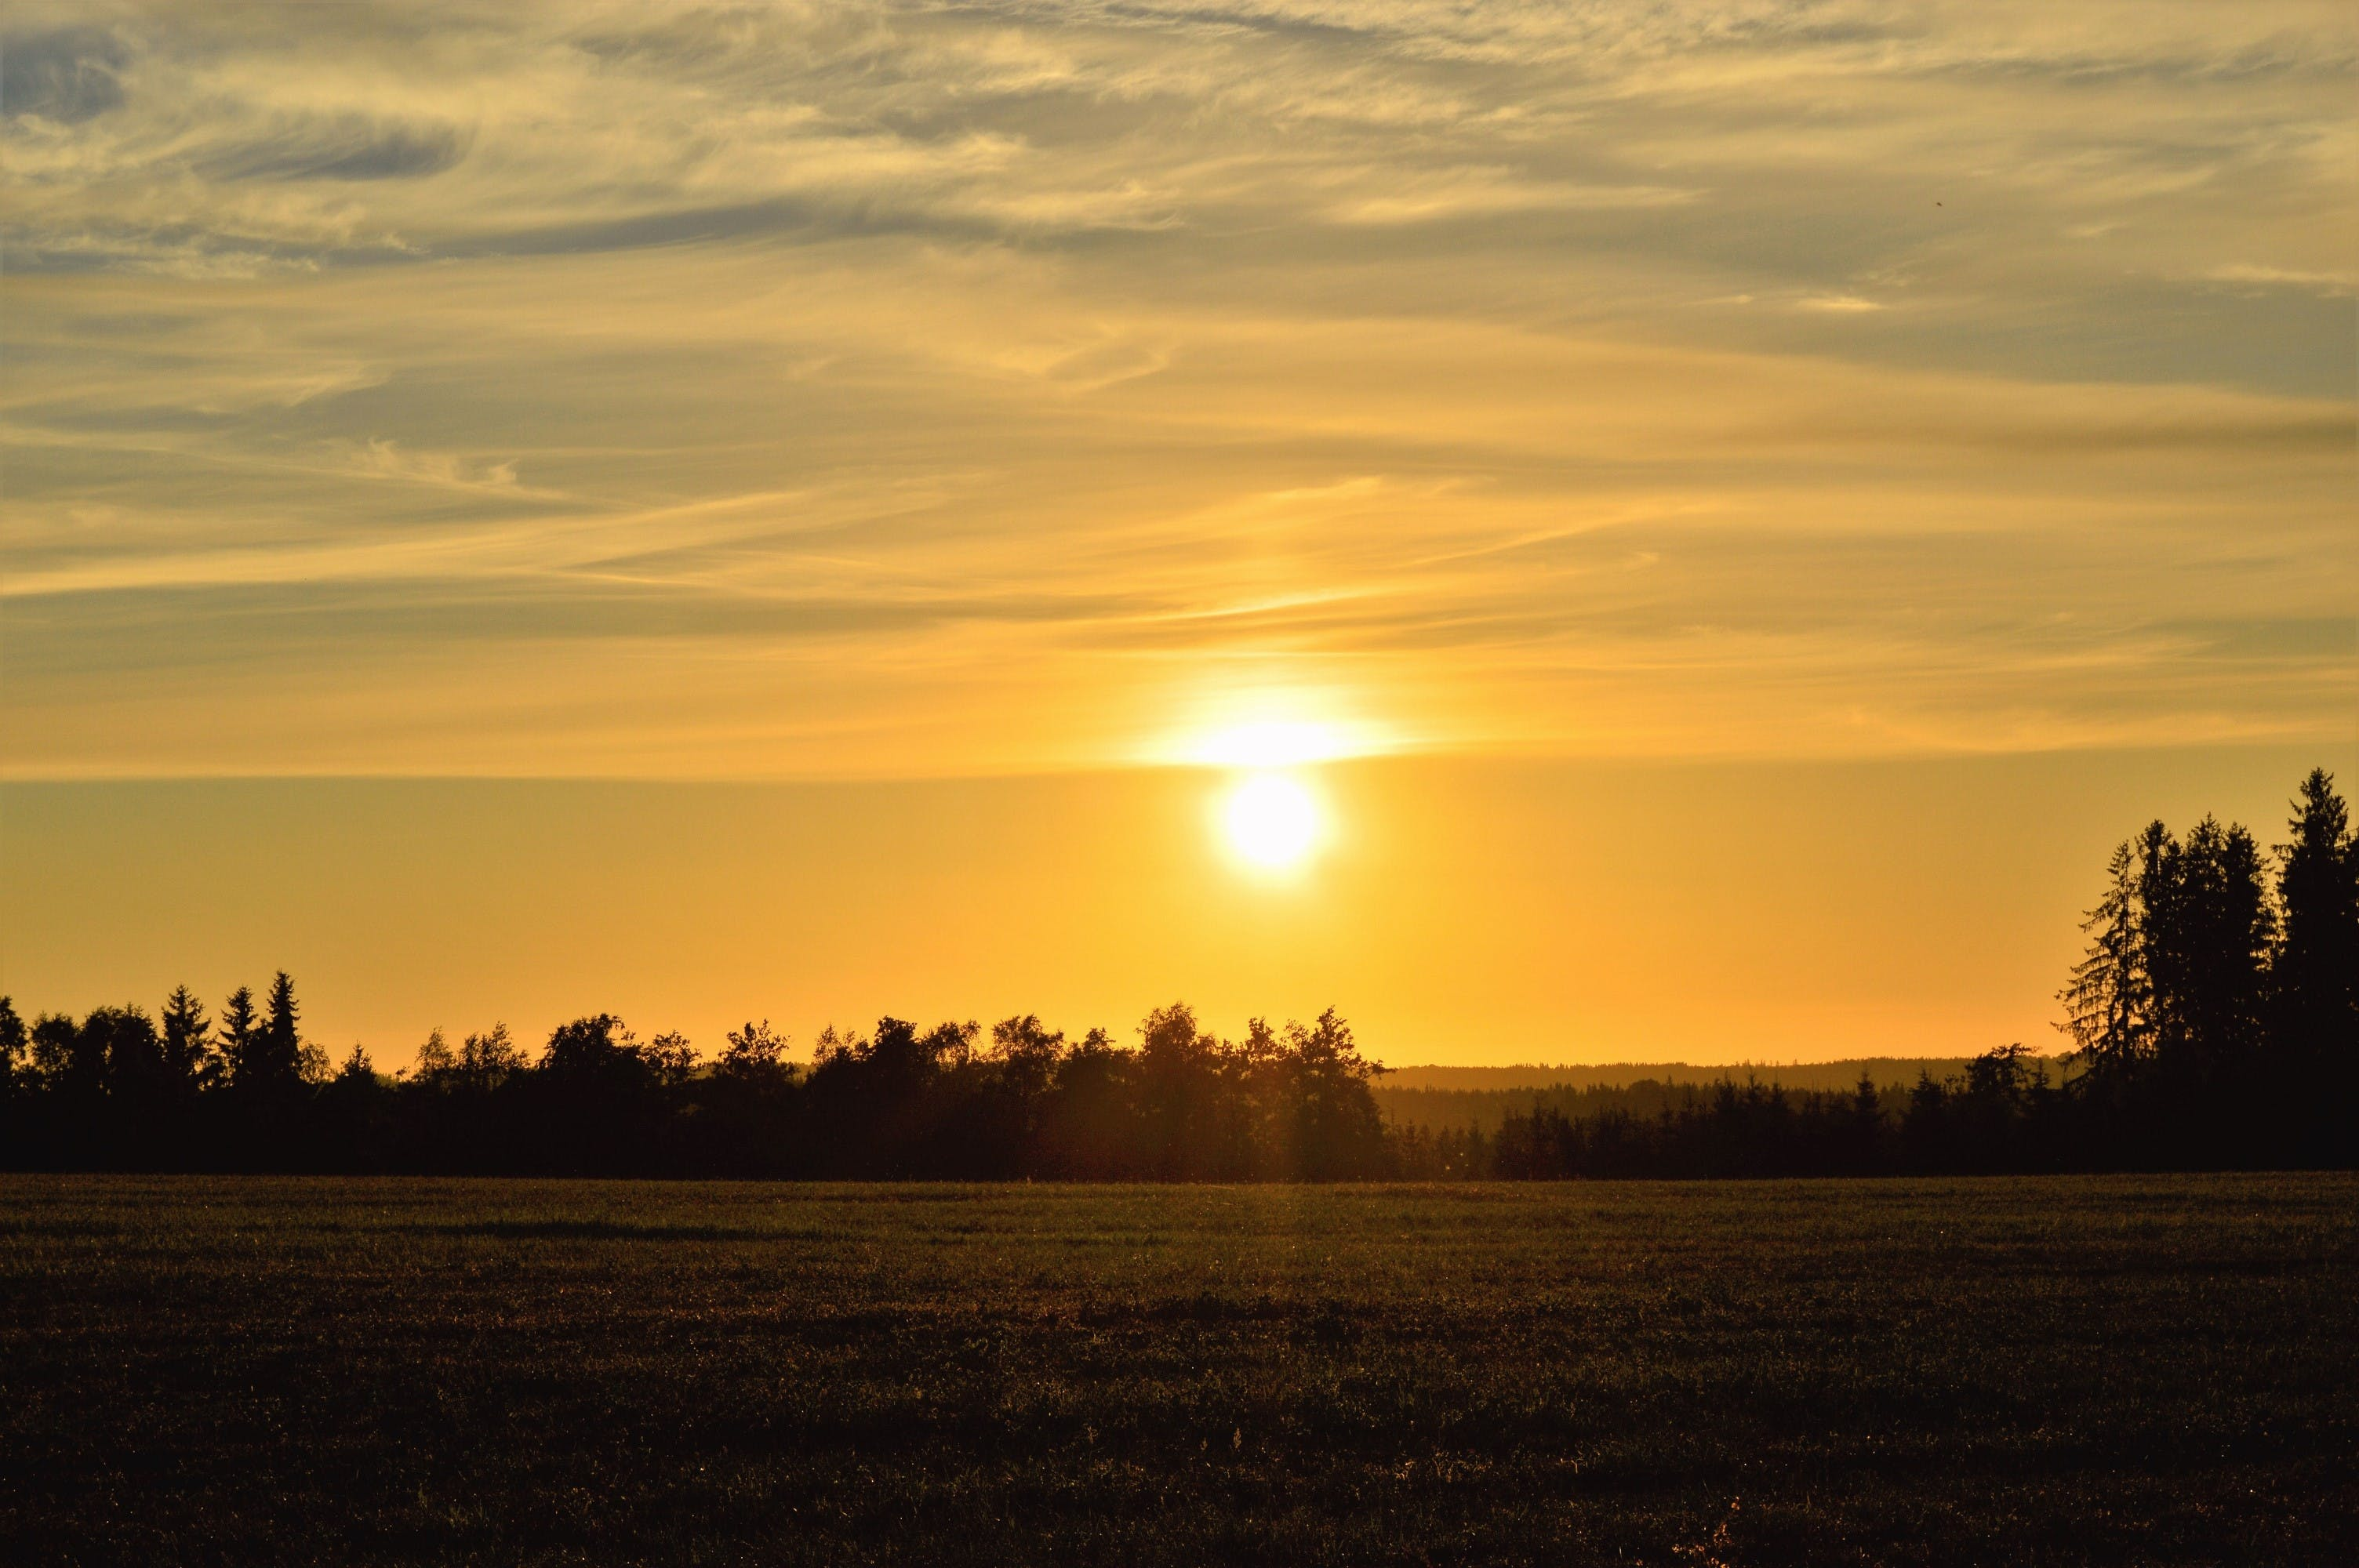 Fotos de stock gratuitas de amanecer, arboles, bonito, campo